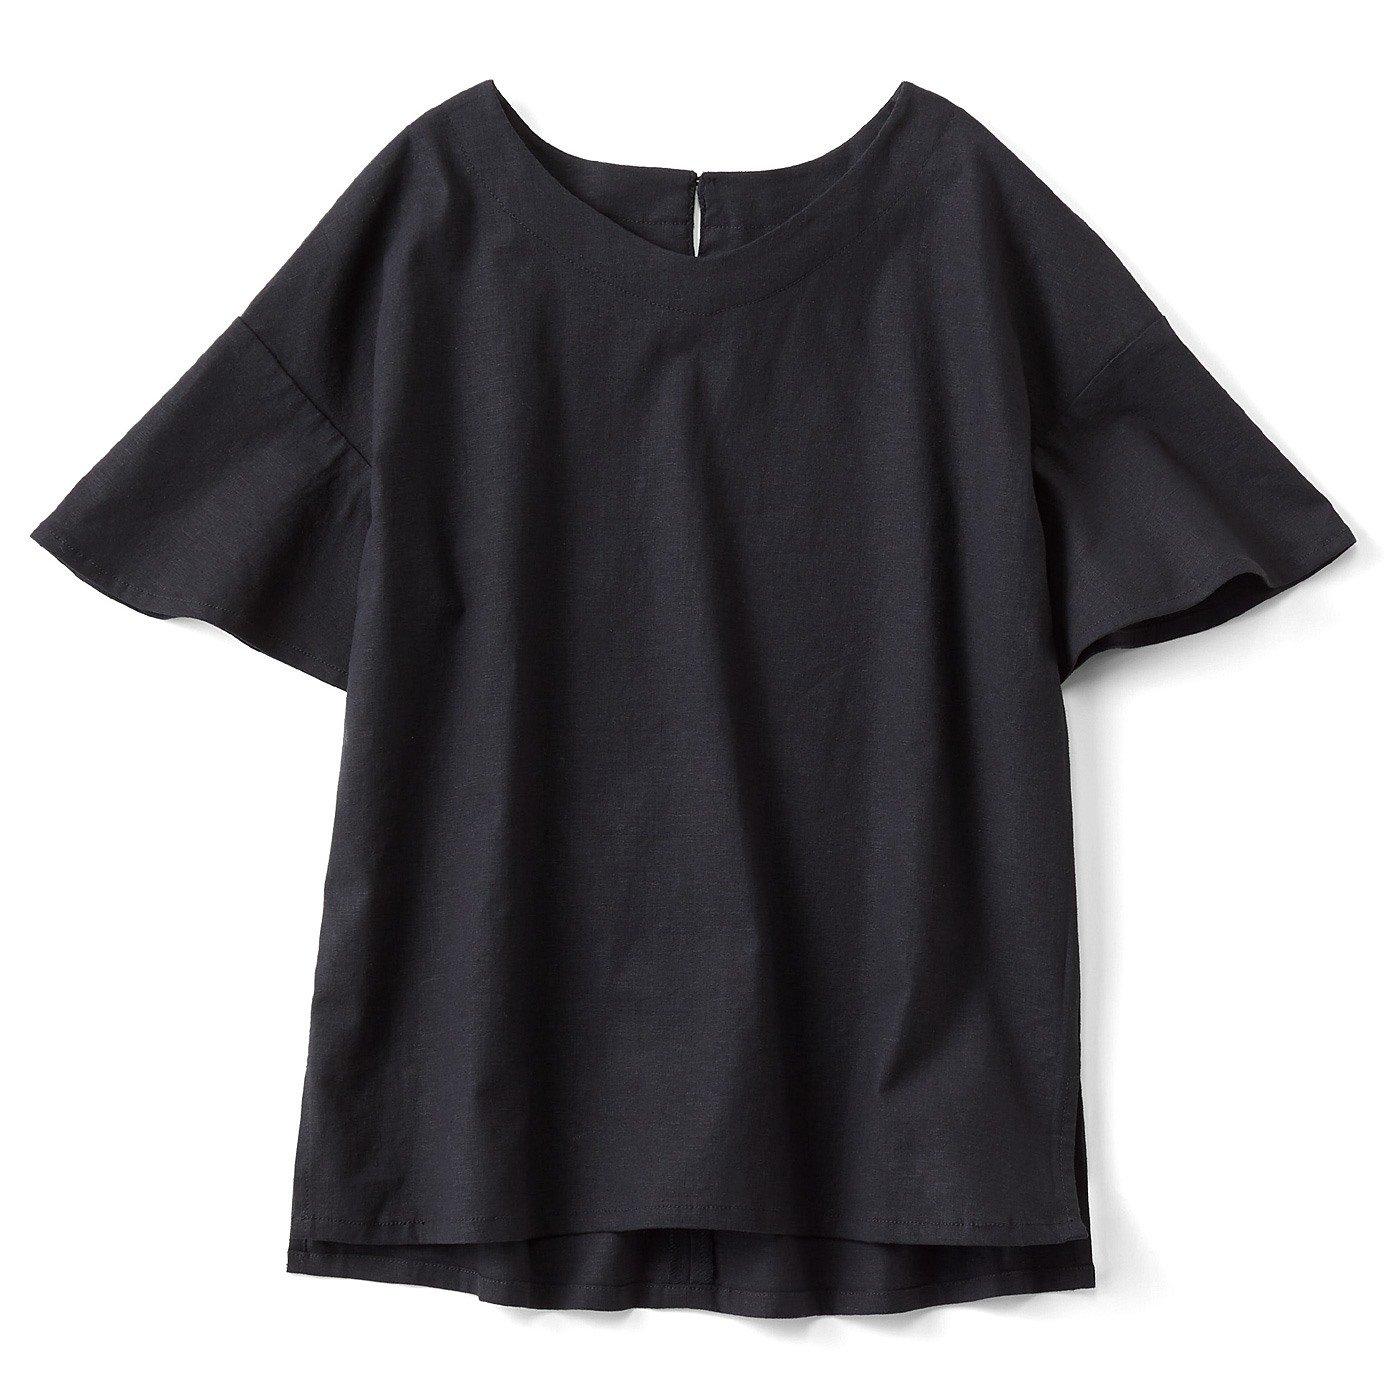 【3~10日でお届け】リブ イン コンフォート 伸びる! さらっと素肌に心地いい 麻混素材の袖フレアートップス〈ブラック〉